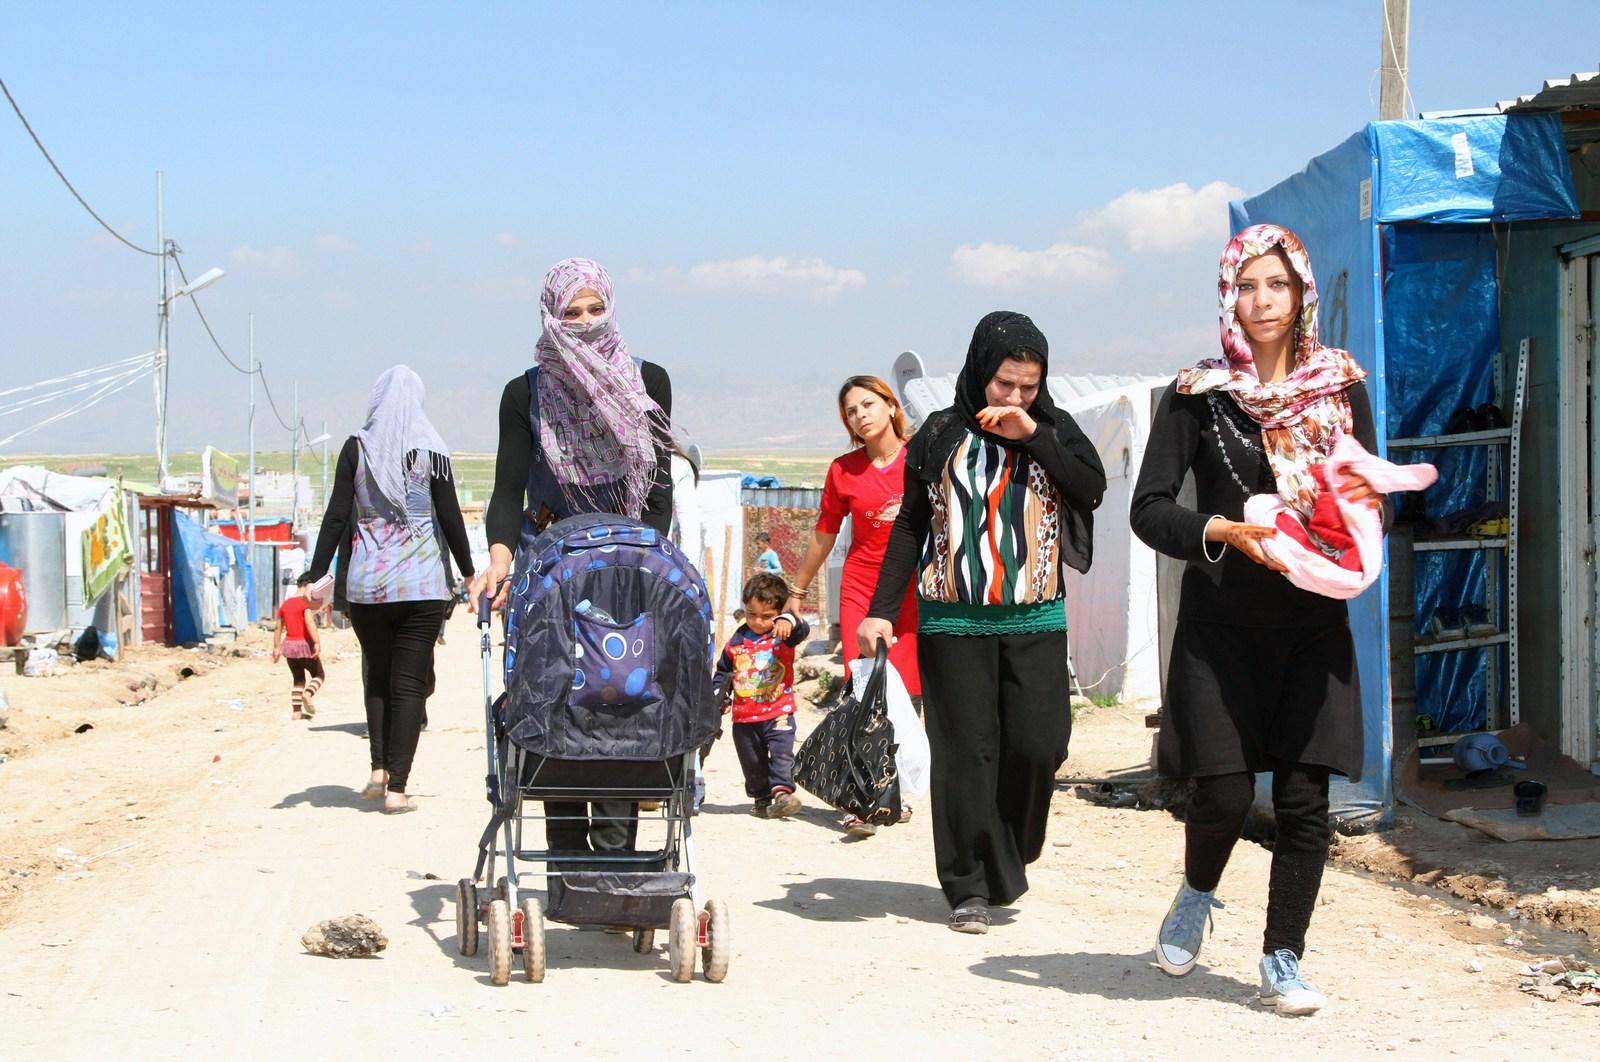 Frauen auf der Flucht, Foto: Imago